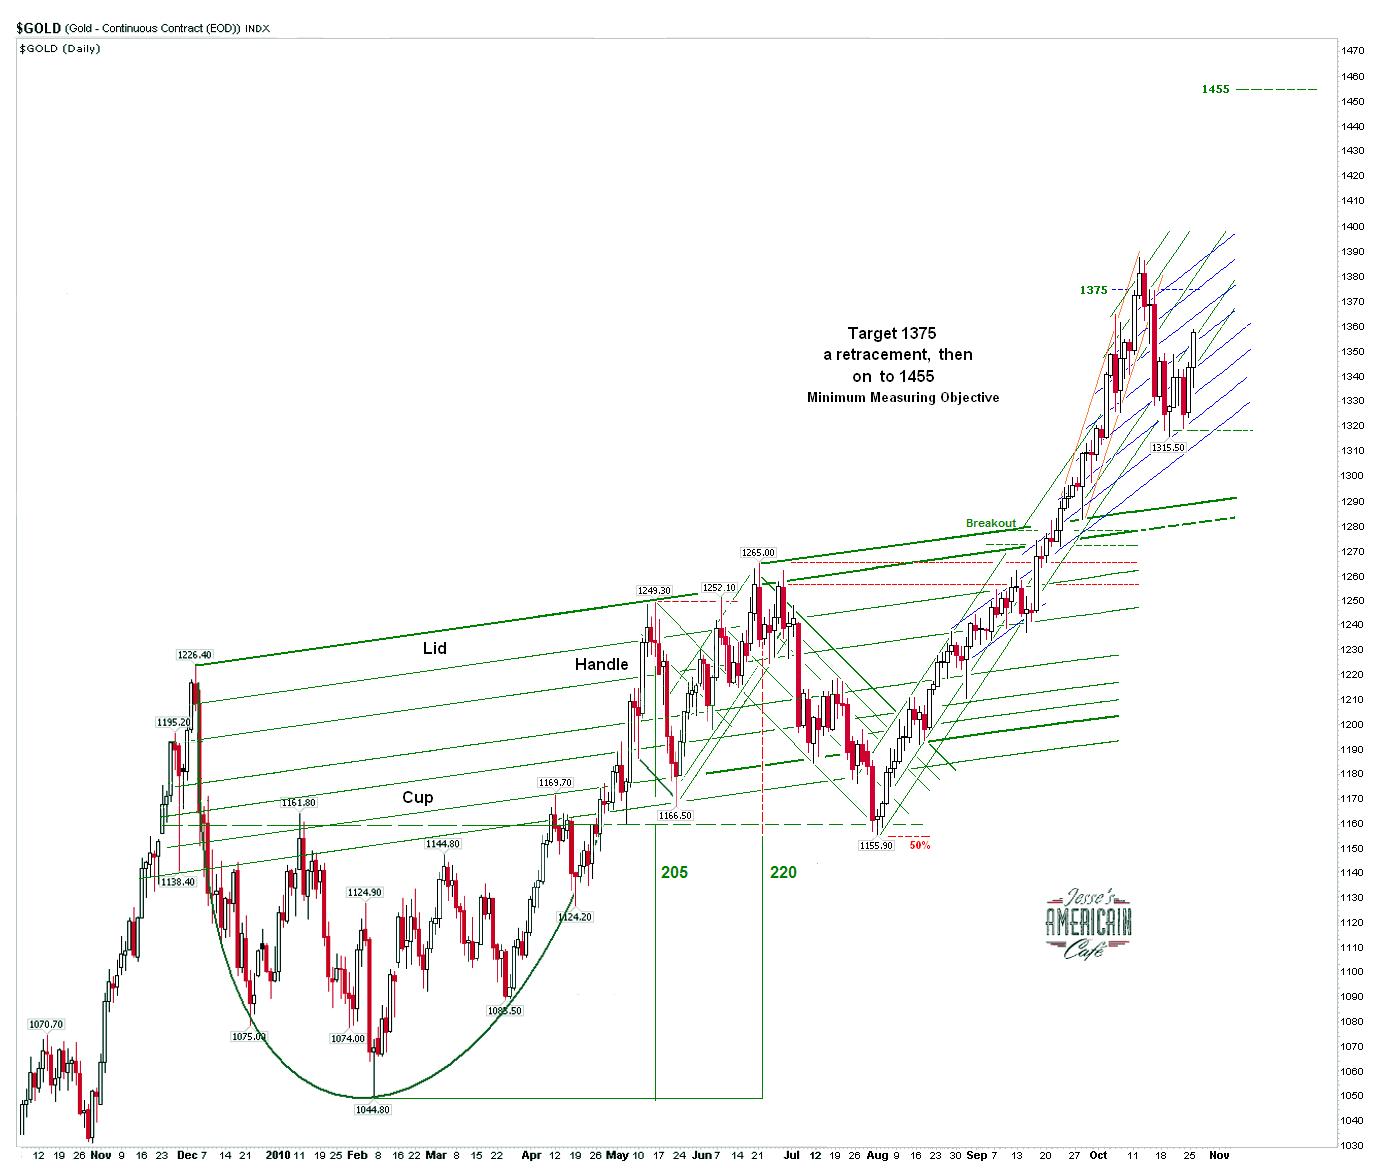 stock-channel.net - Das Finanzportal - Wir reiten den Goldbullen ...